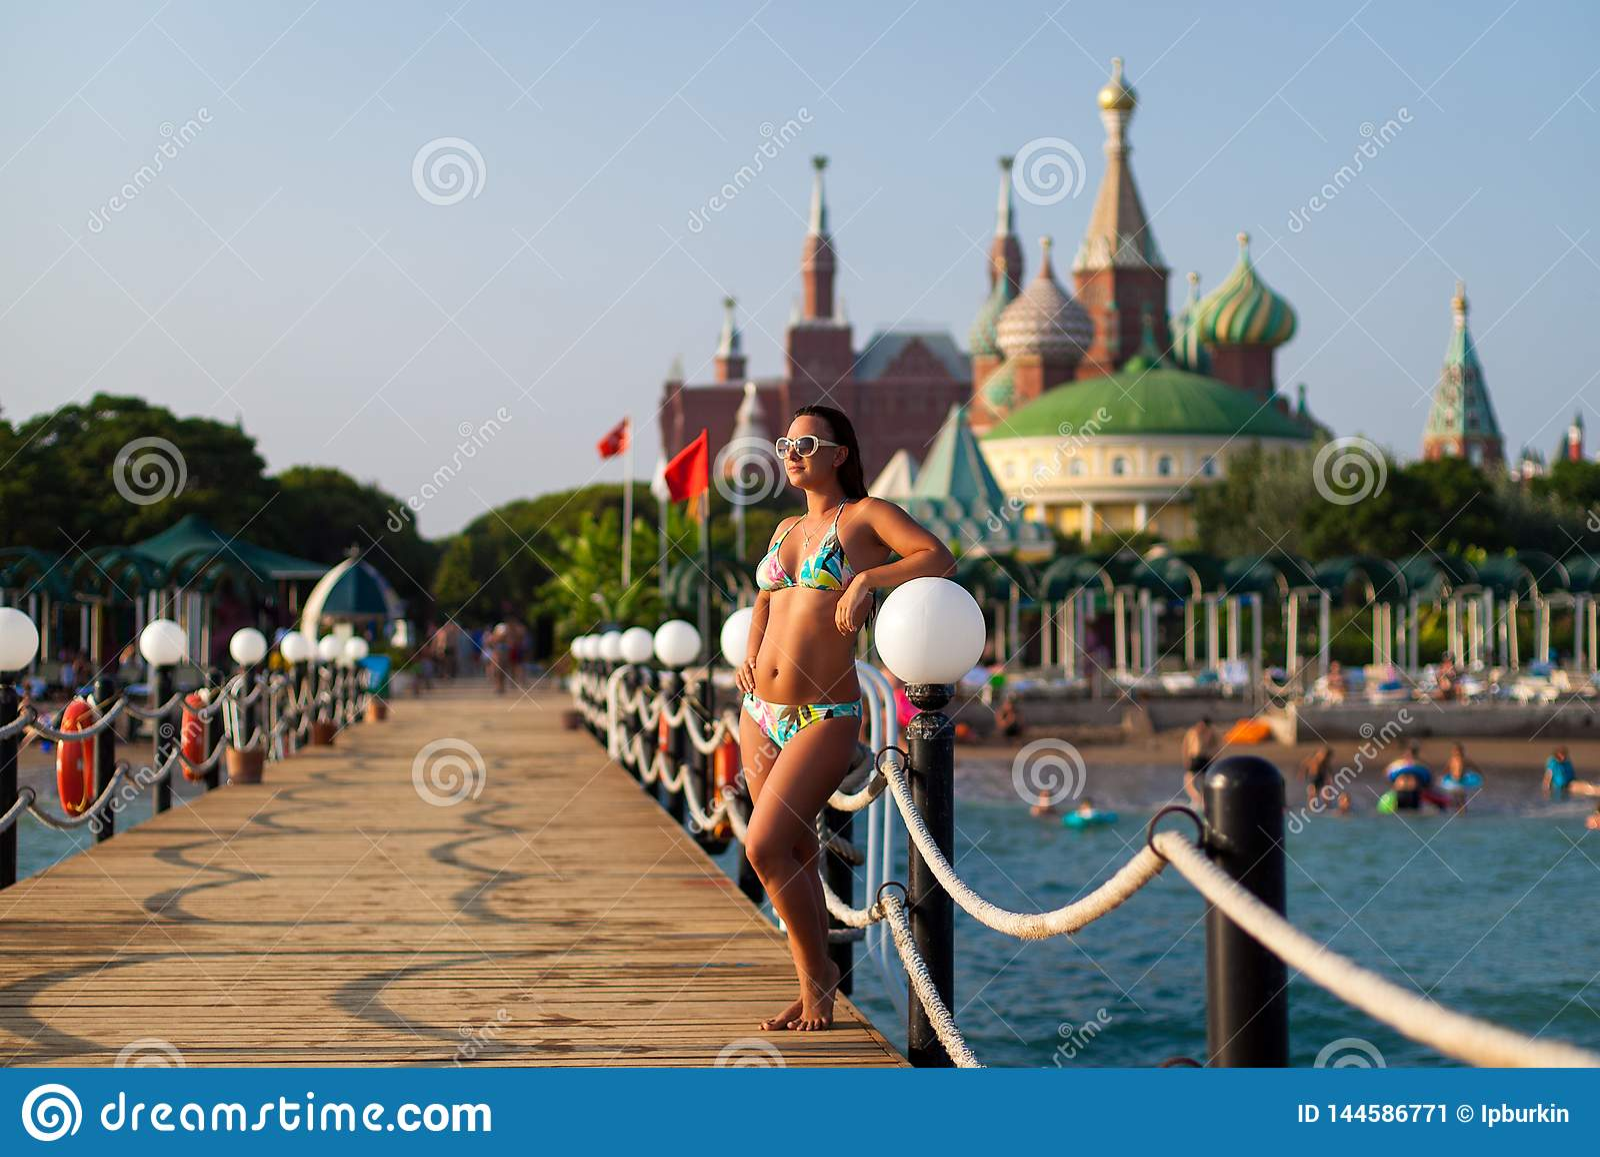 Muchacha en un traje de baño en el embarcadero en el fondo del hotel muchacha que presenta en el embarcadero de madera en la play